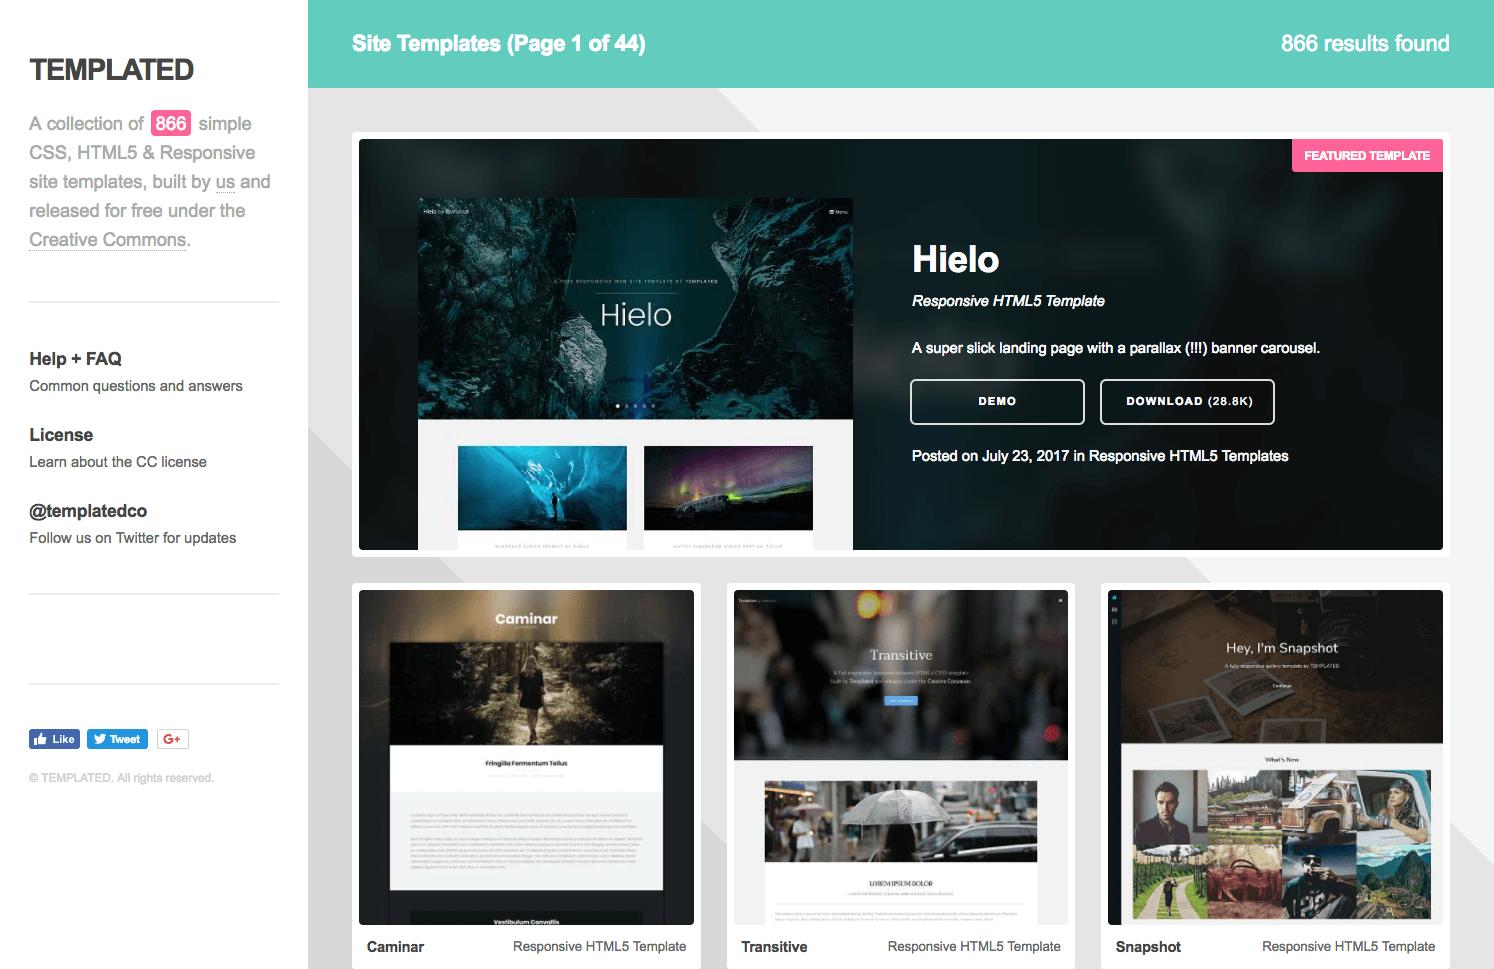 Site de templates : Templated